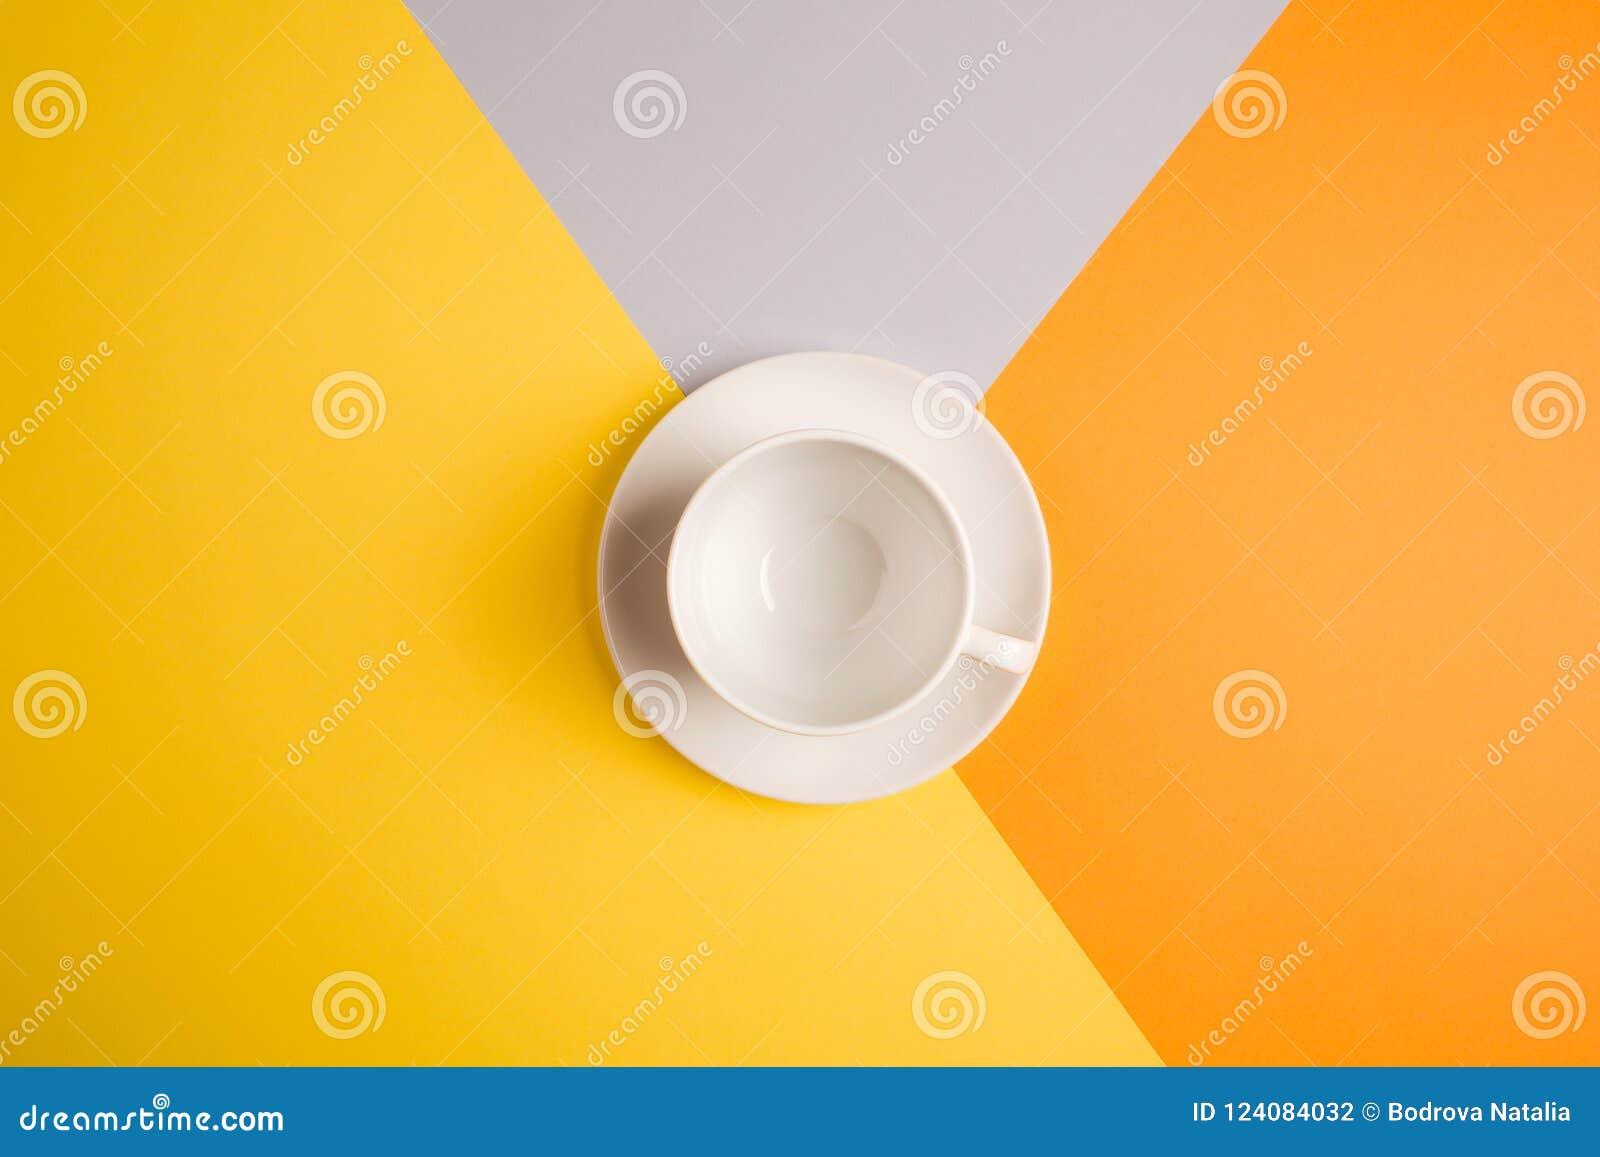 Vit tom kaffekopp på ljus guling-apelsin-beiga-grå färger bakgrund kopieringsspase, lekmanna- lägenhet begrepp av höstkafémenyn